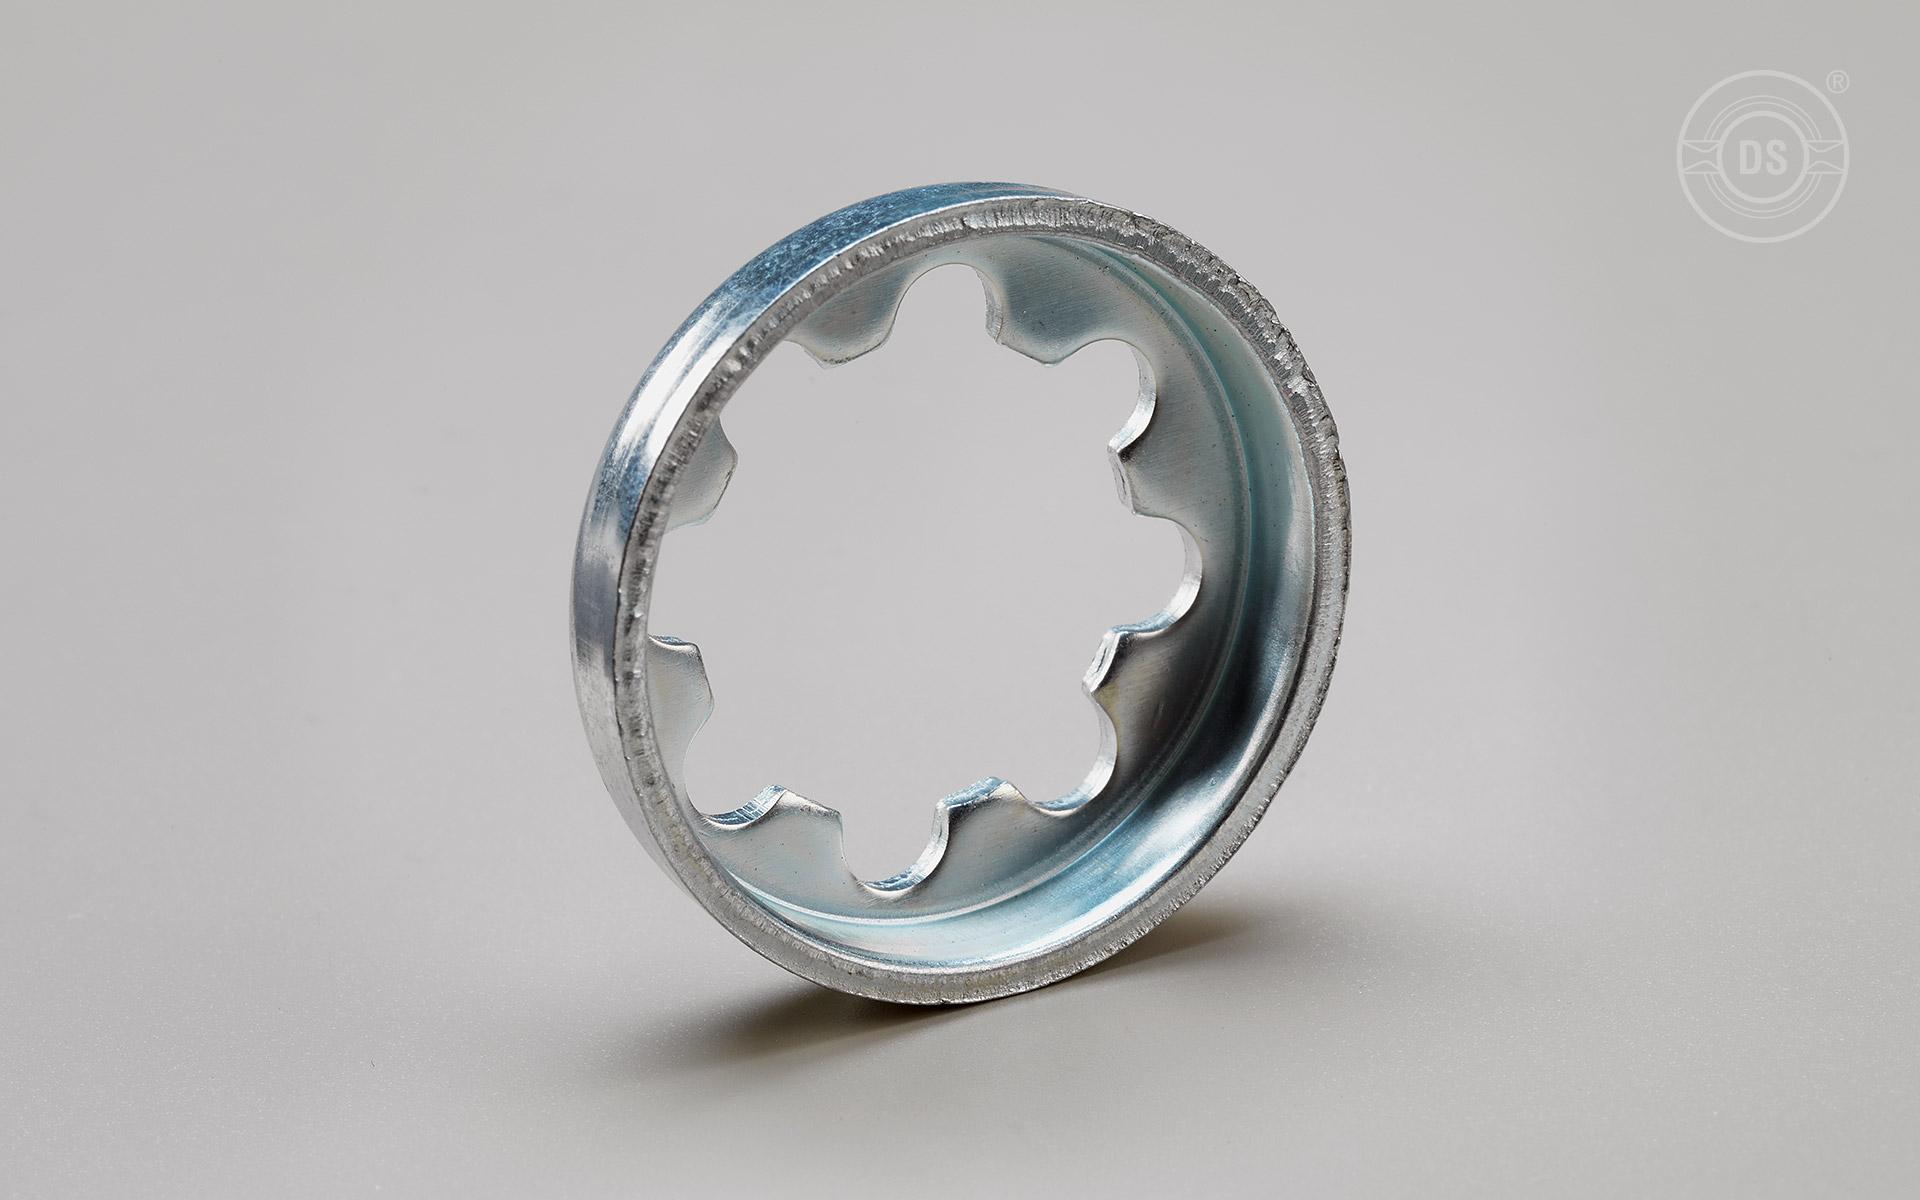 Zahntellerringe aus Stahl